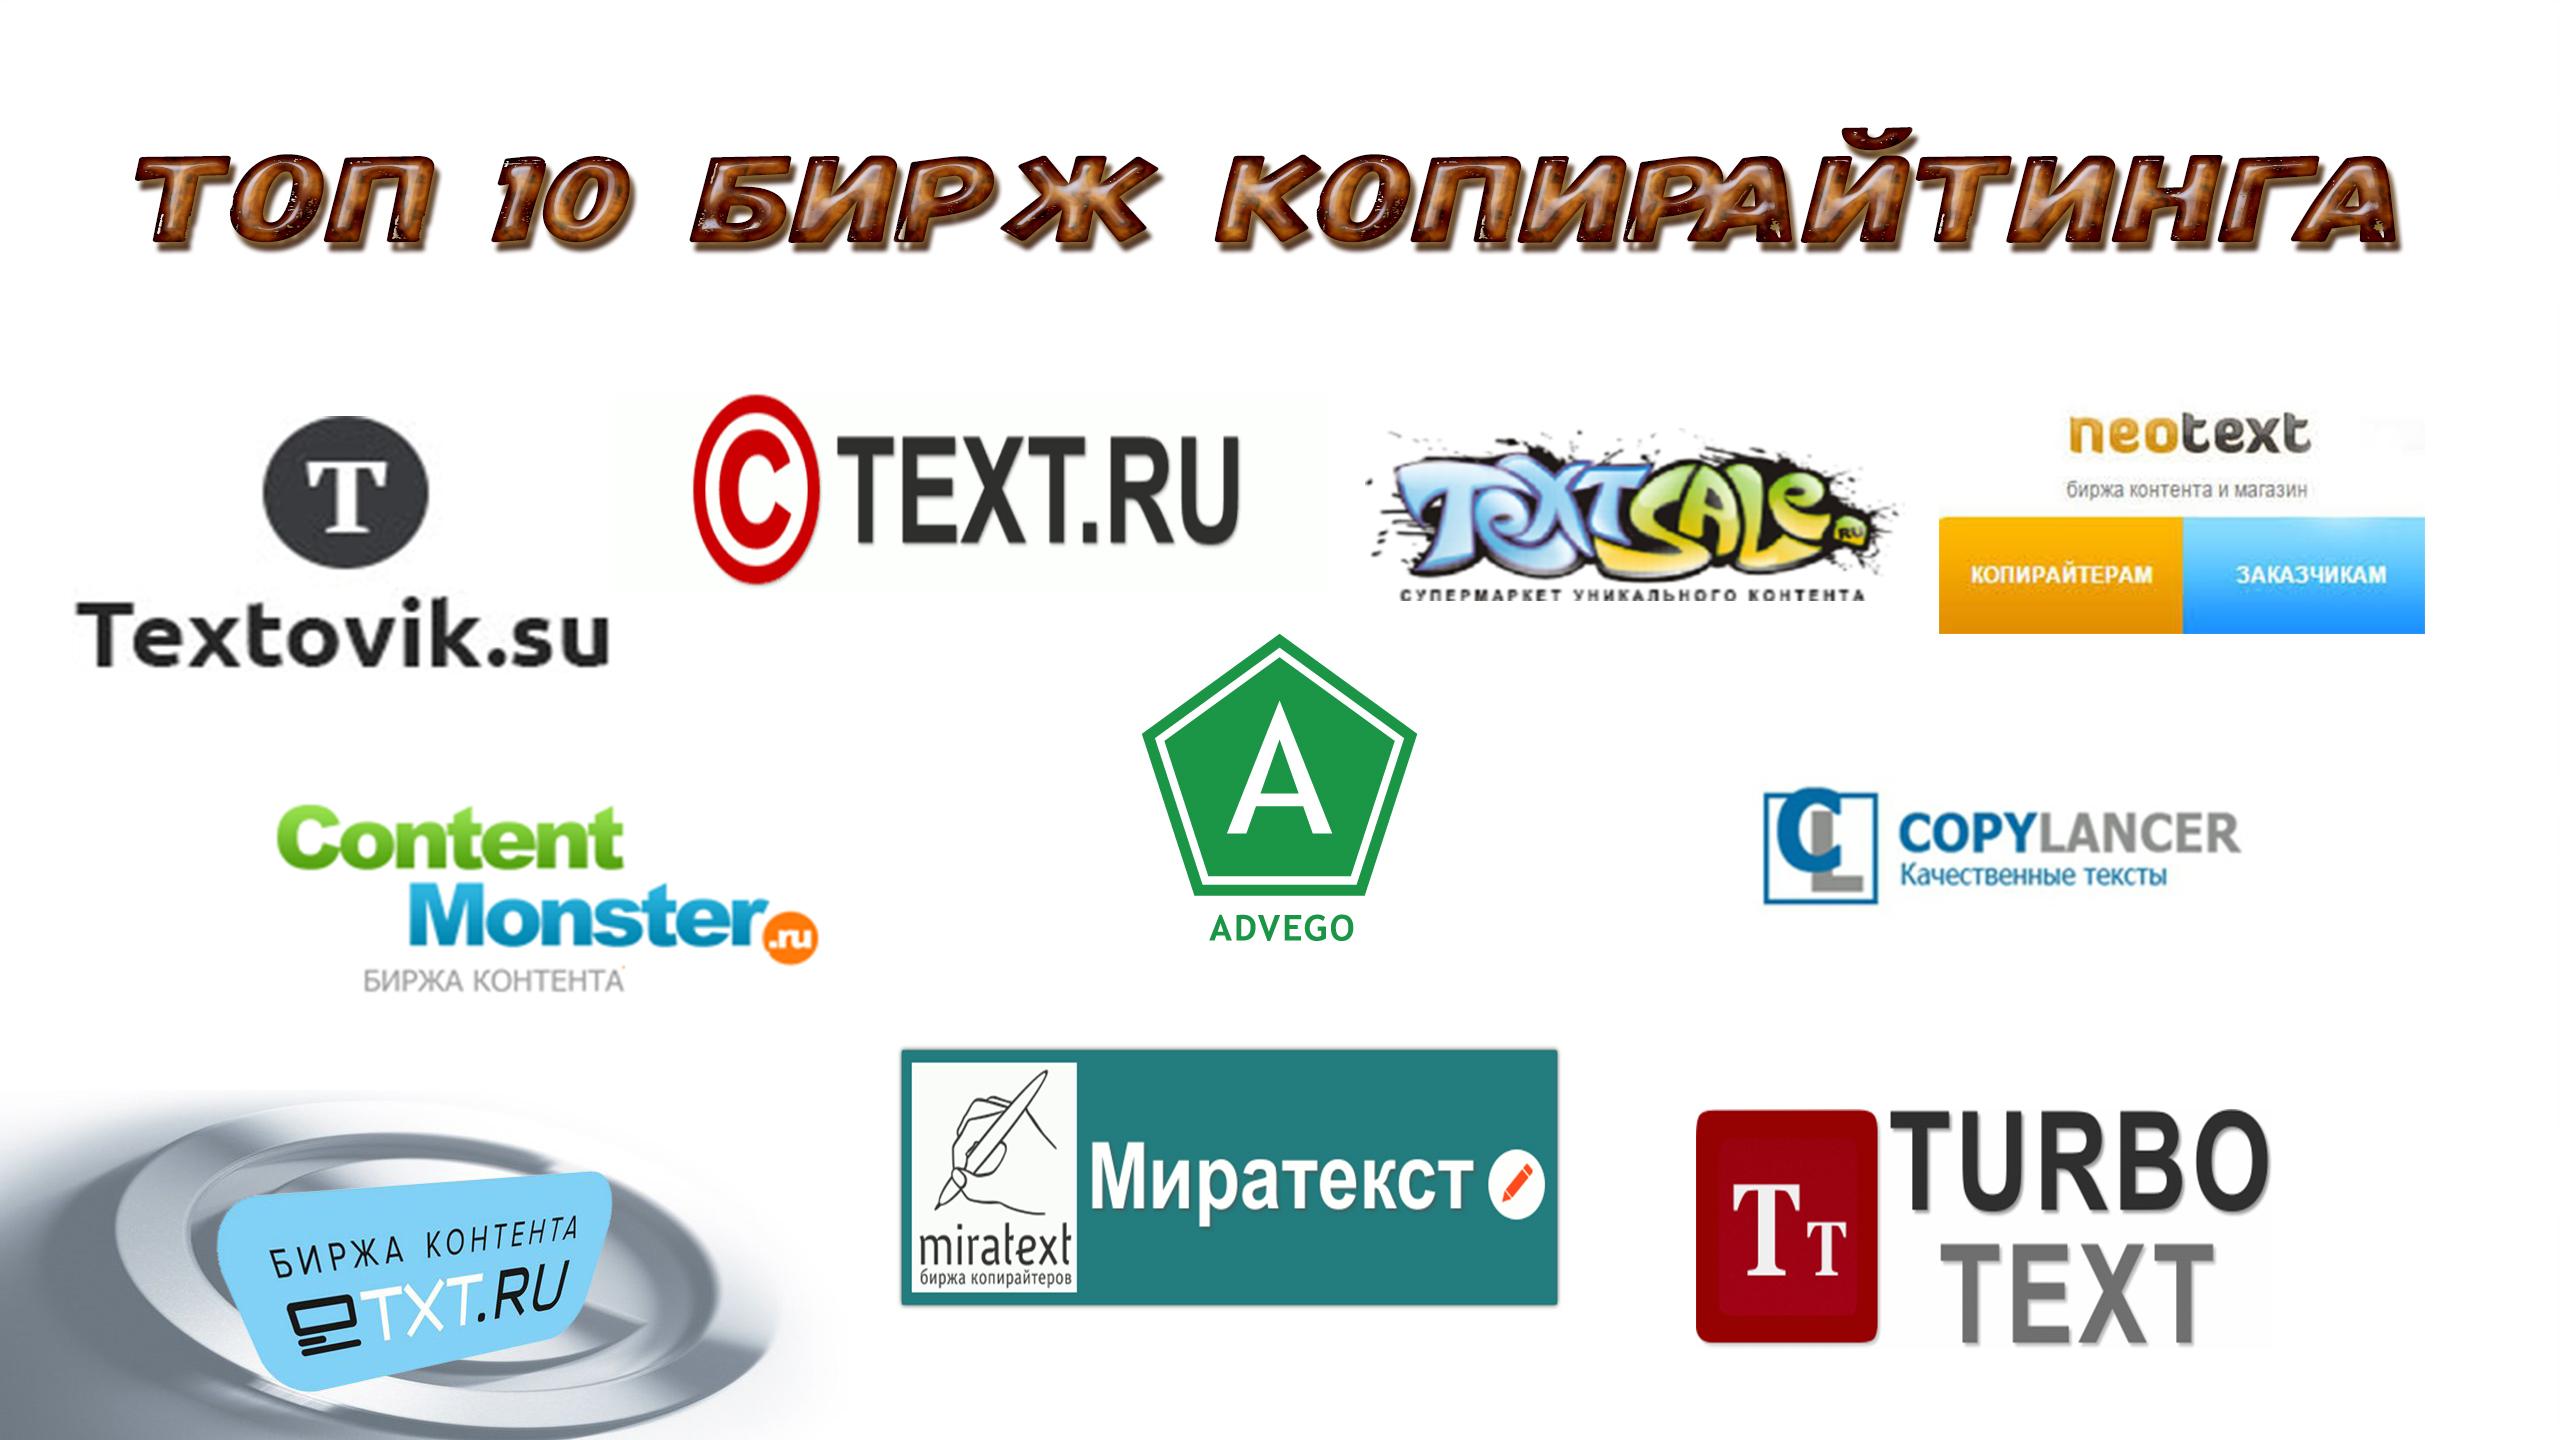 ТОП -10 лучших бирж копирайтинга и контента